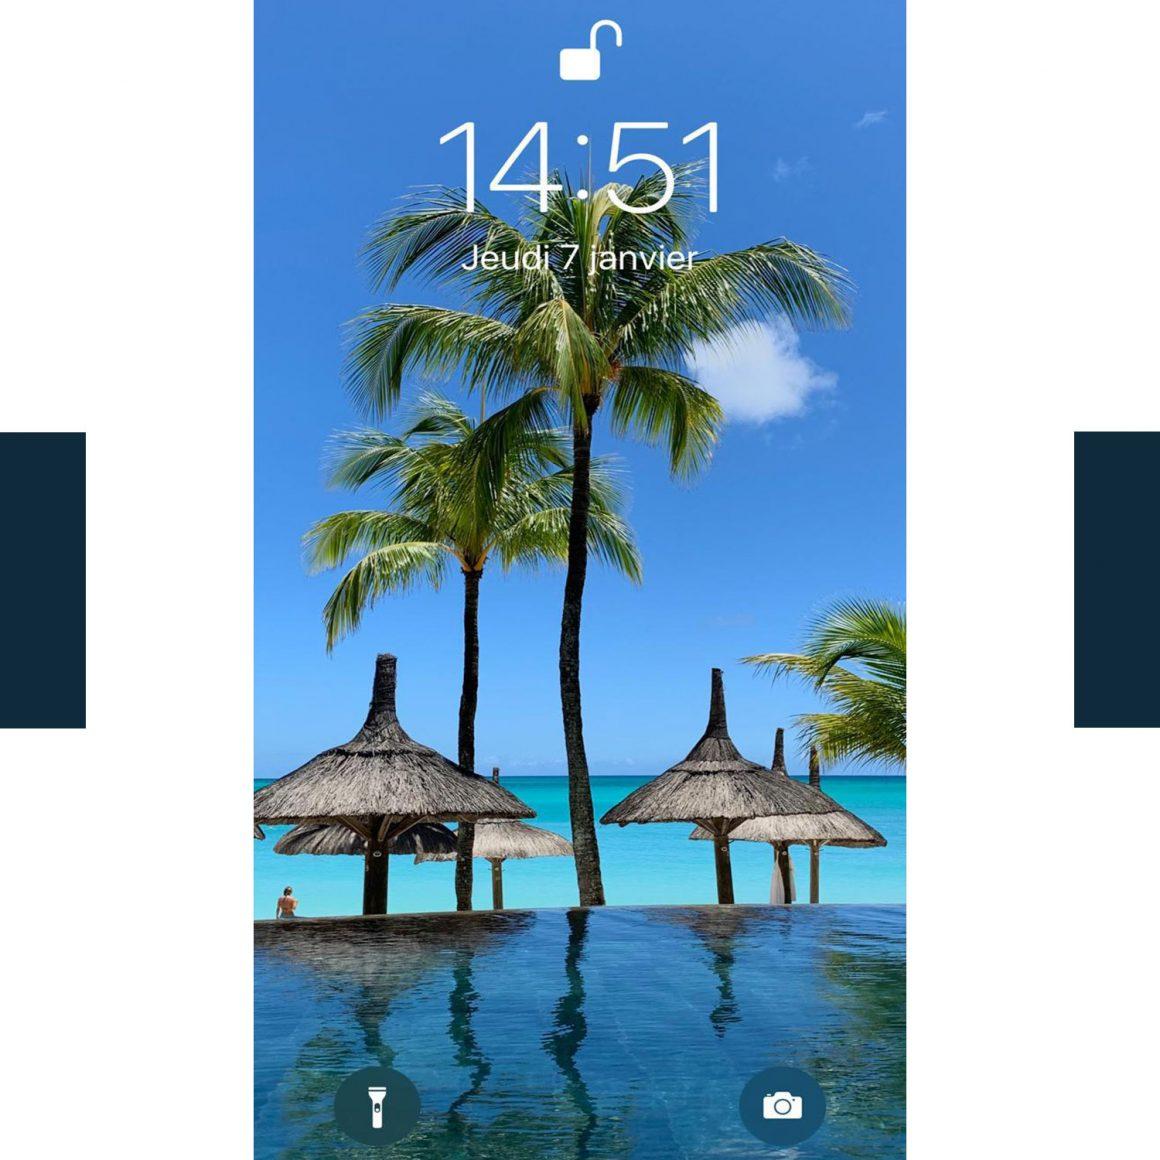 Les palmiers du fond d'écran du téléphone de David Lucas